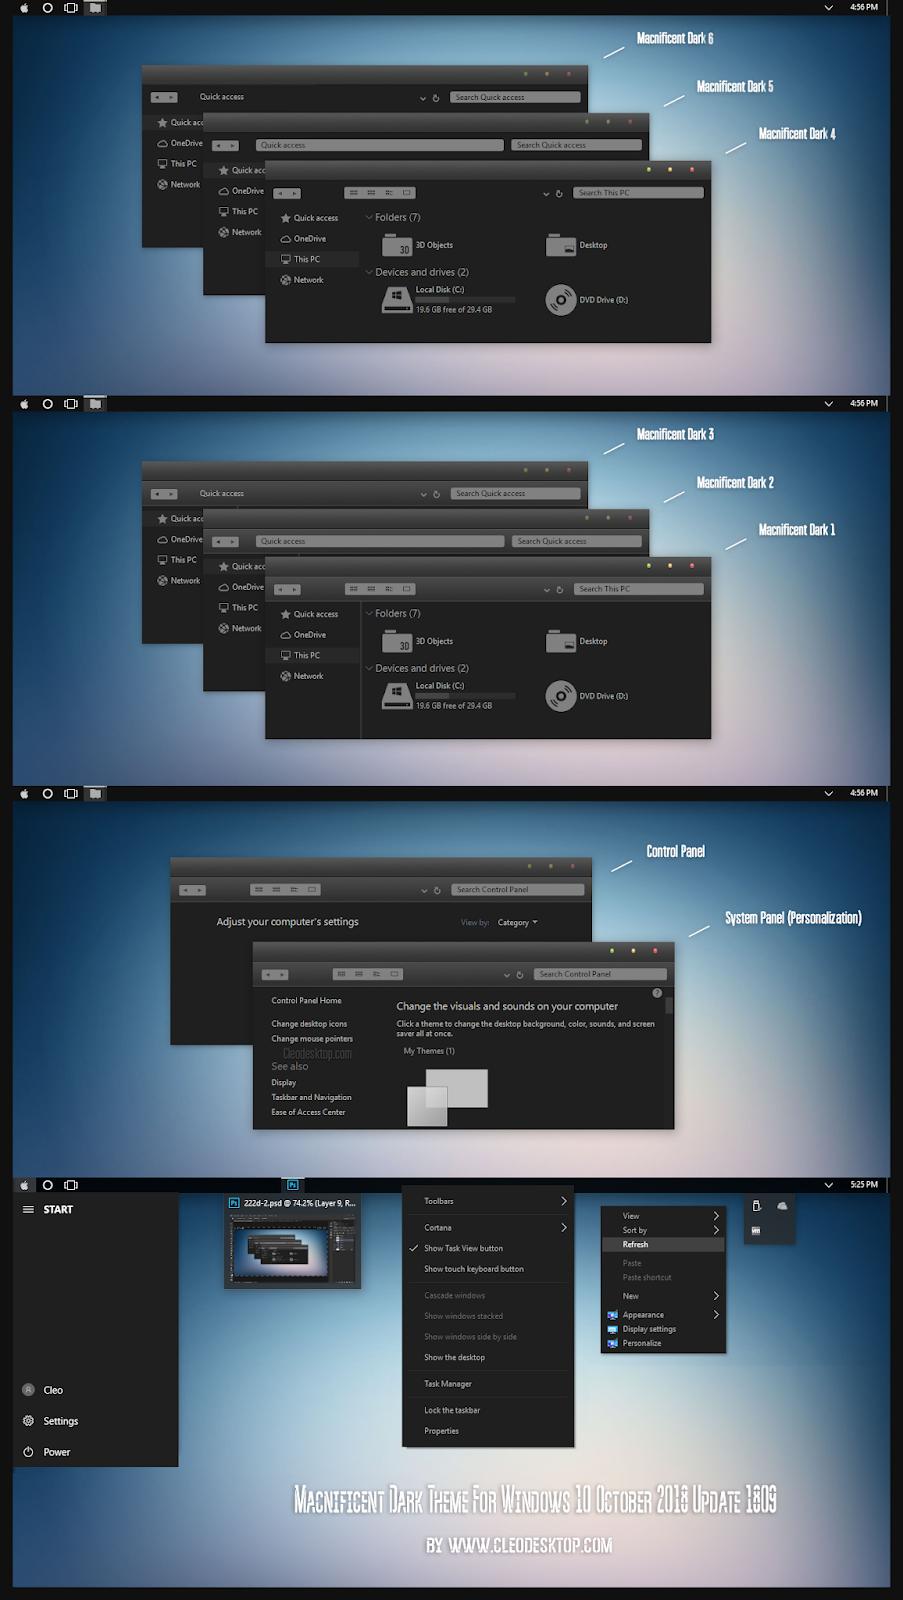 Macnificent Dark Theme Windows 10 October 2018 Update 1809